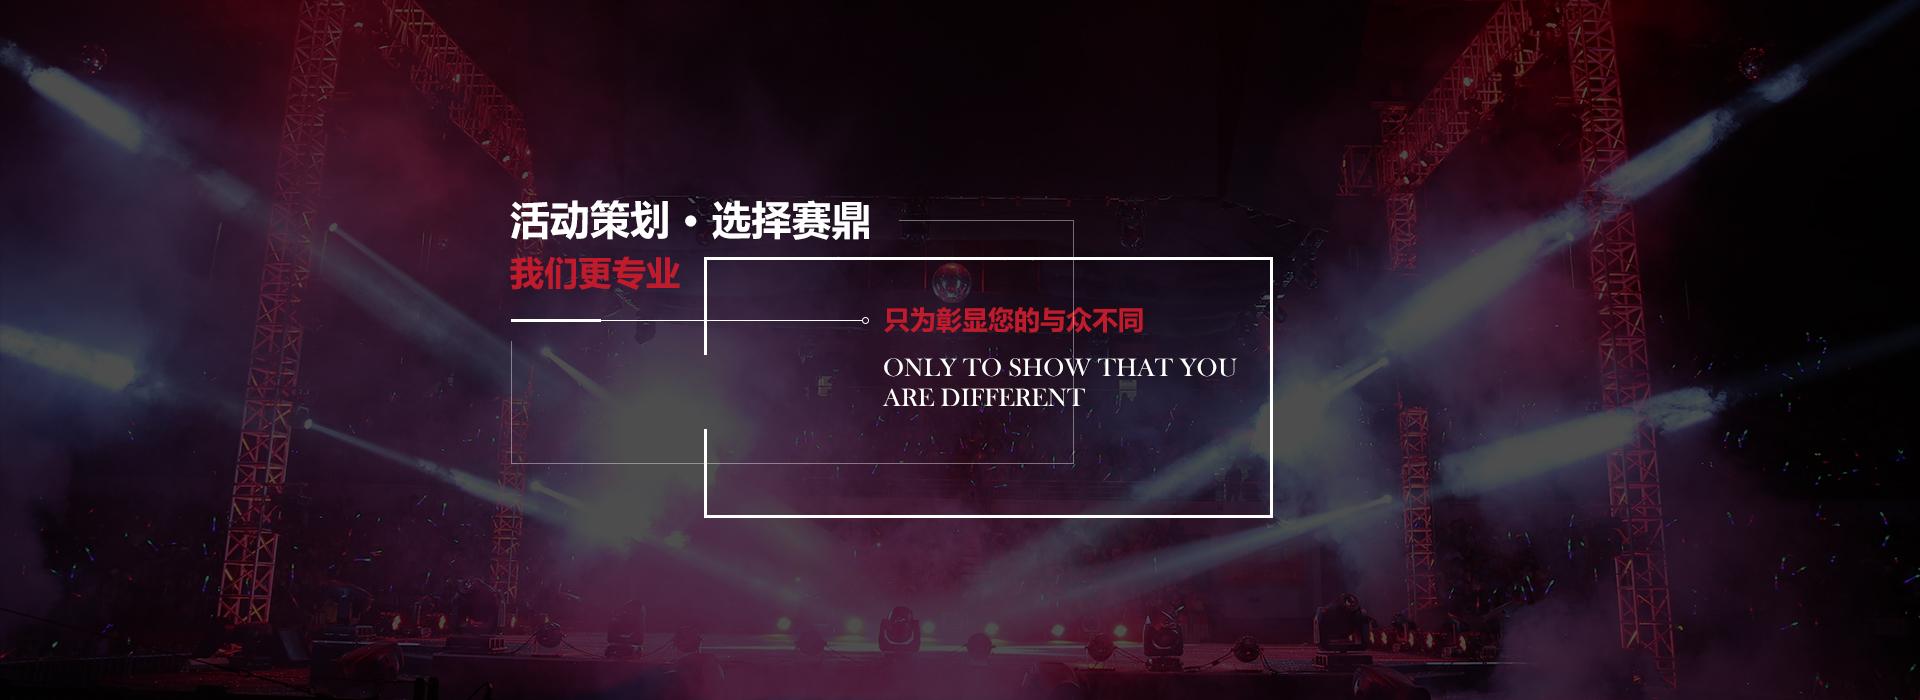 重庆舞台设备出租